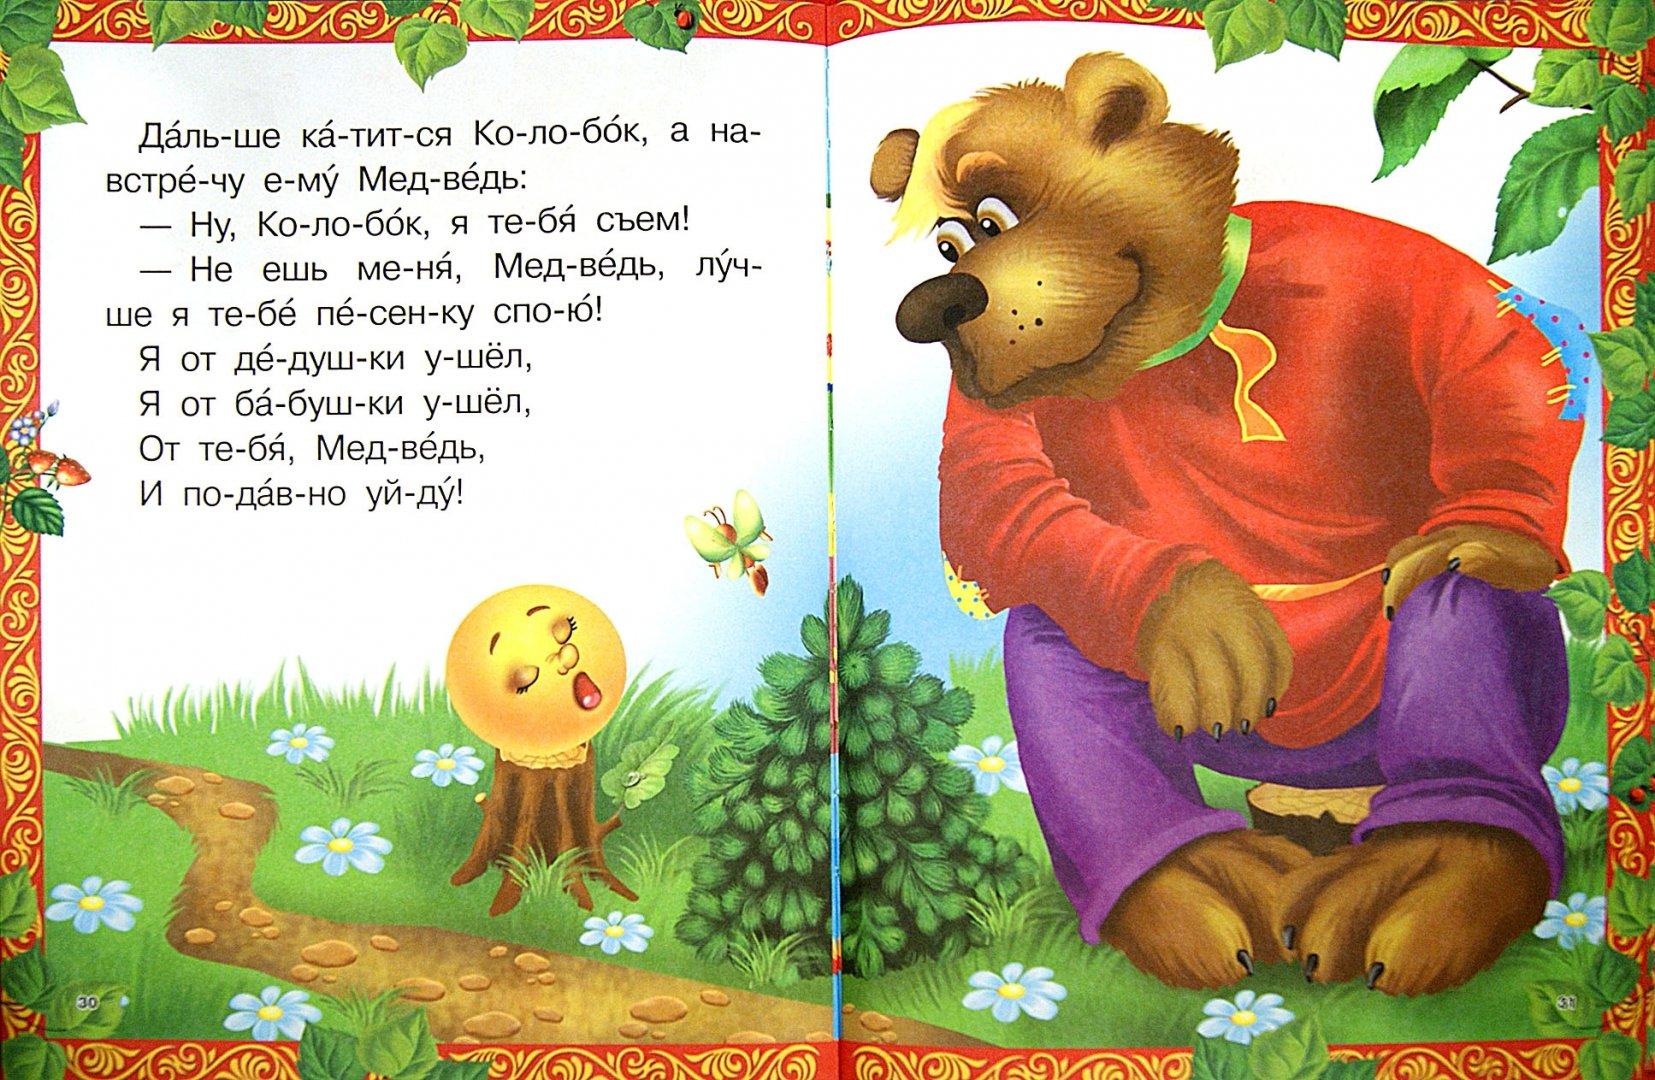 мечтала чтение сказок с иллюстрациями комфортабельного